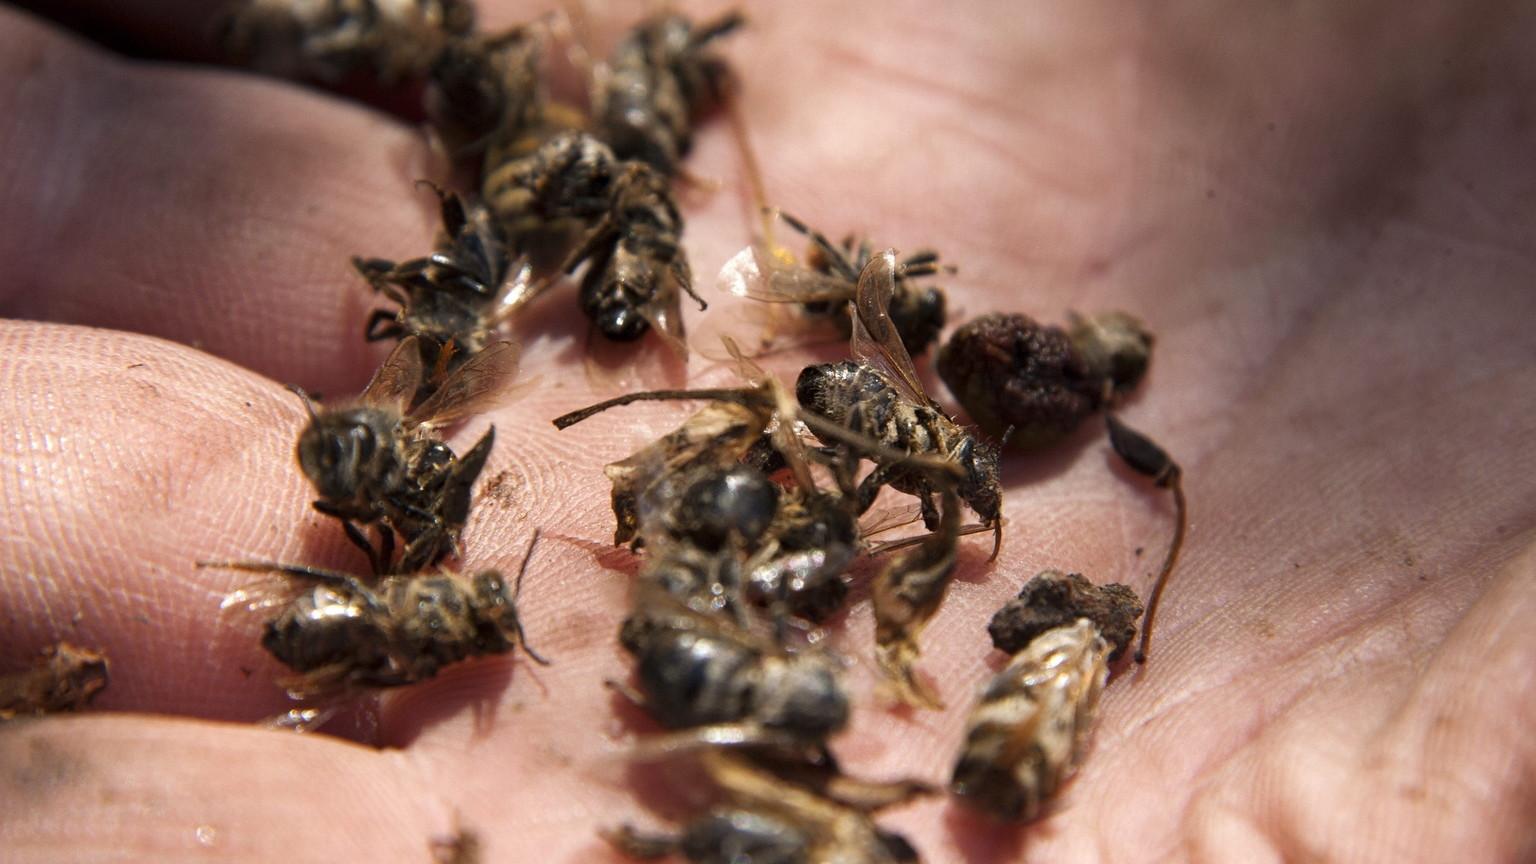 Elpusztult méheket tart a kezében egy méhész (Fotó: MTI/Varga György)